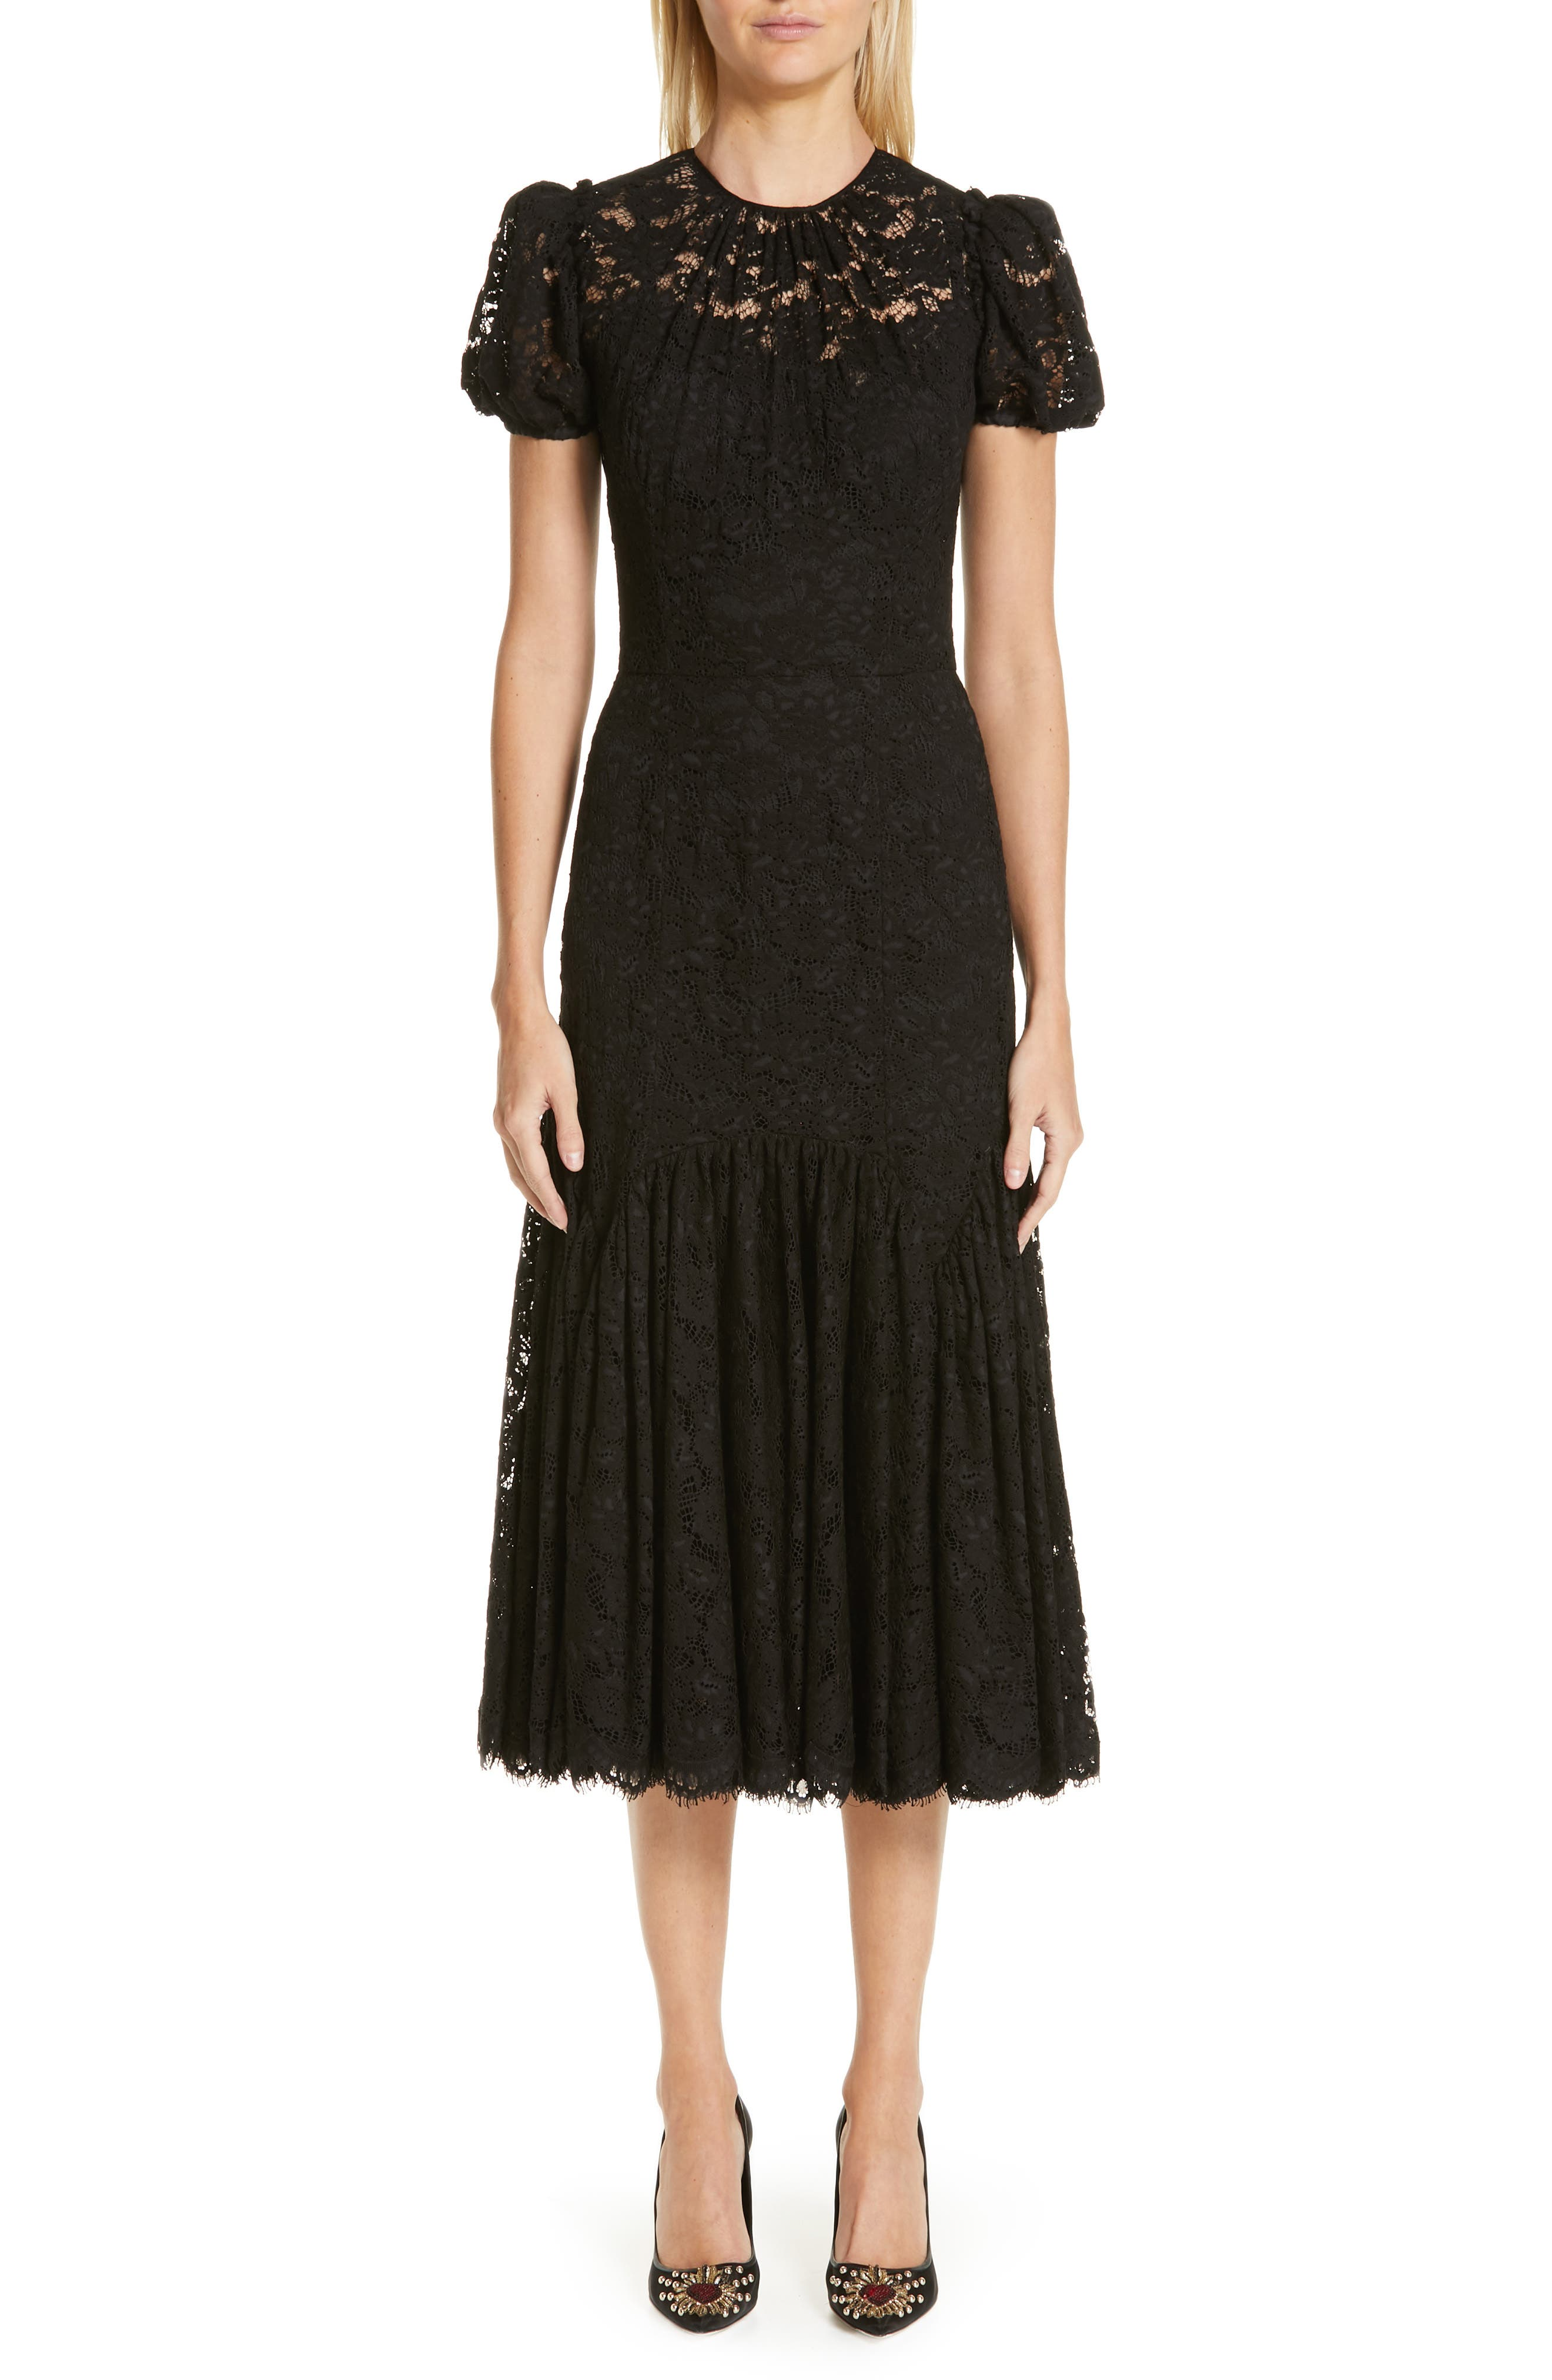 Dolce & gabbana Ruffle Lace Dress, 8 IT - Black